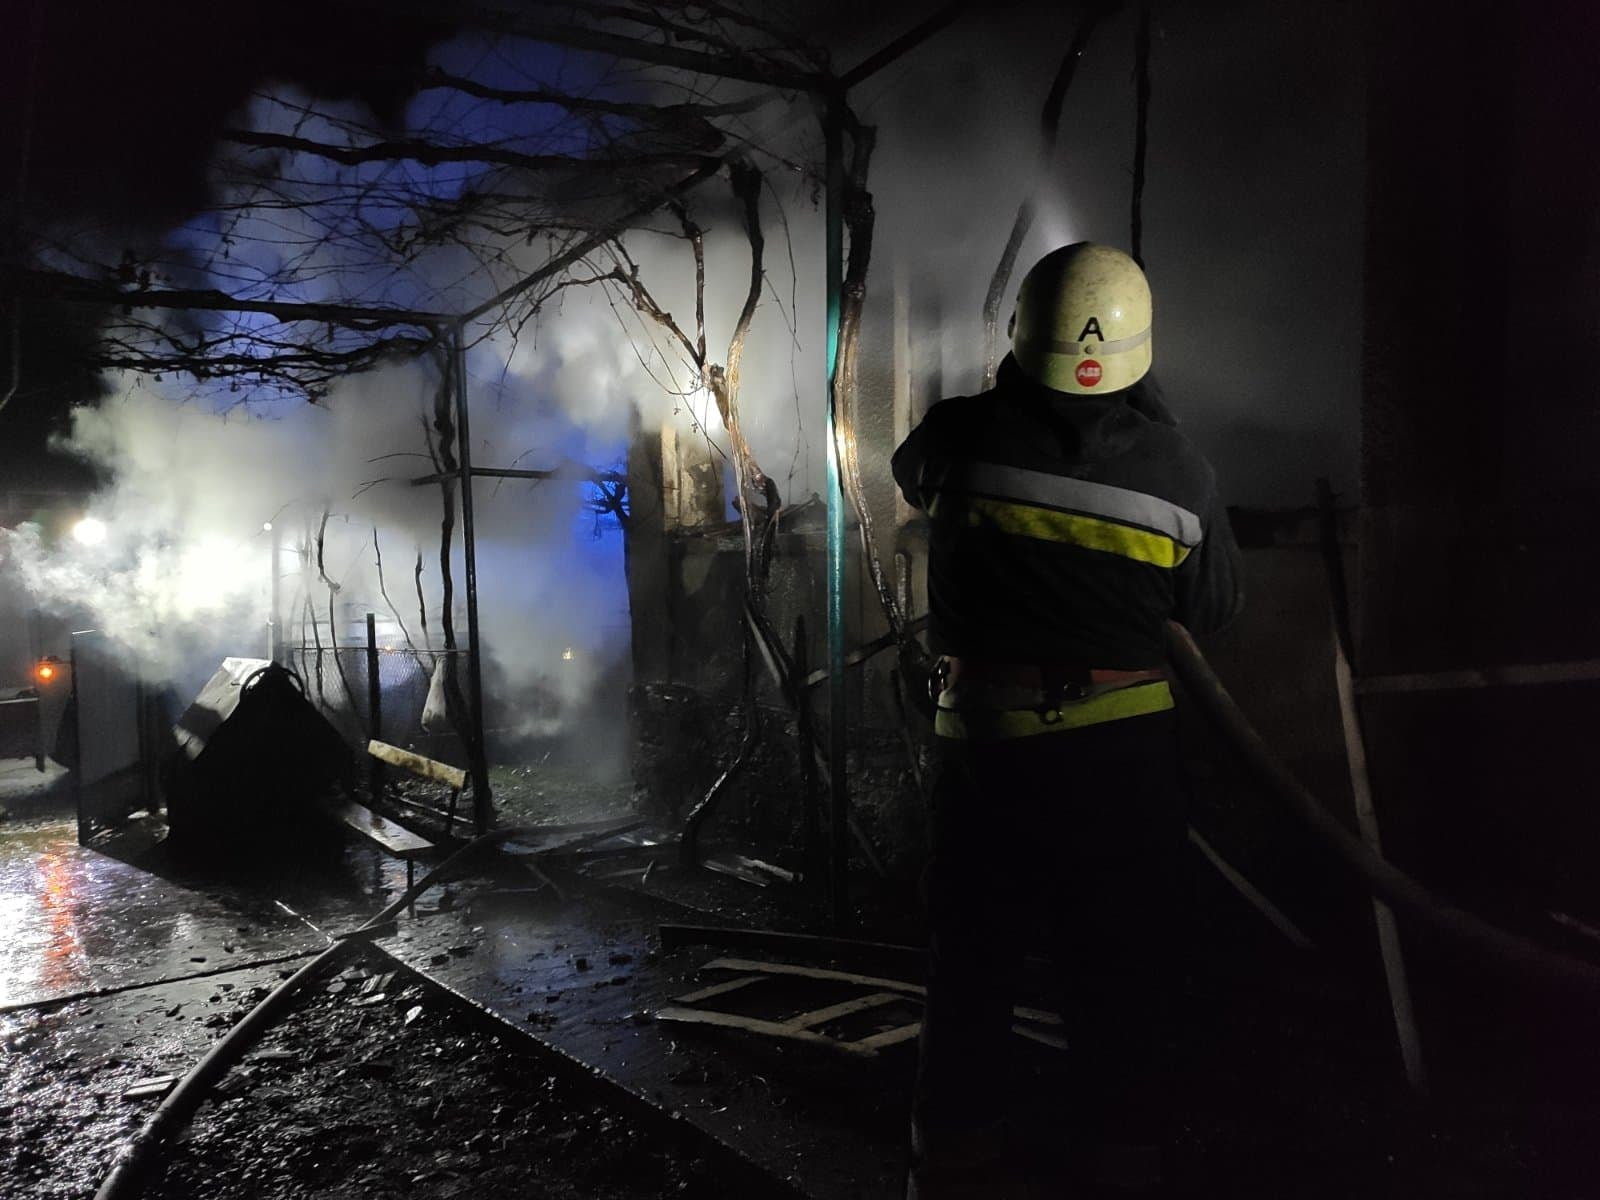 Новий рік лише розпочався, а в краї вже зафіксовано дві загибелі на пожежах. Трагічні випадки виникли вночі 2 січня у м. Берегово та с. Андріївка, Ужгородського району.